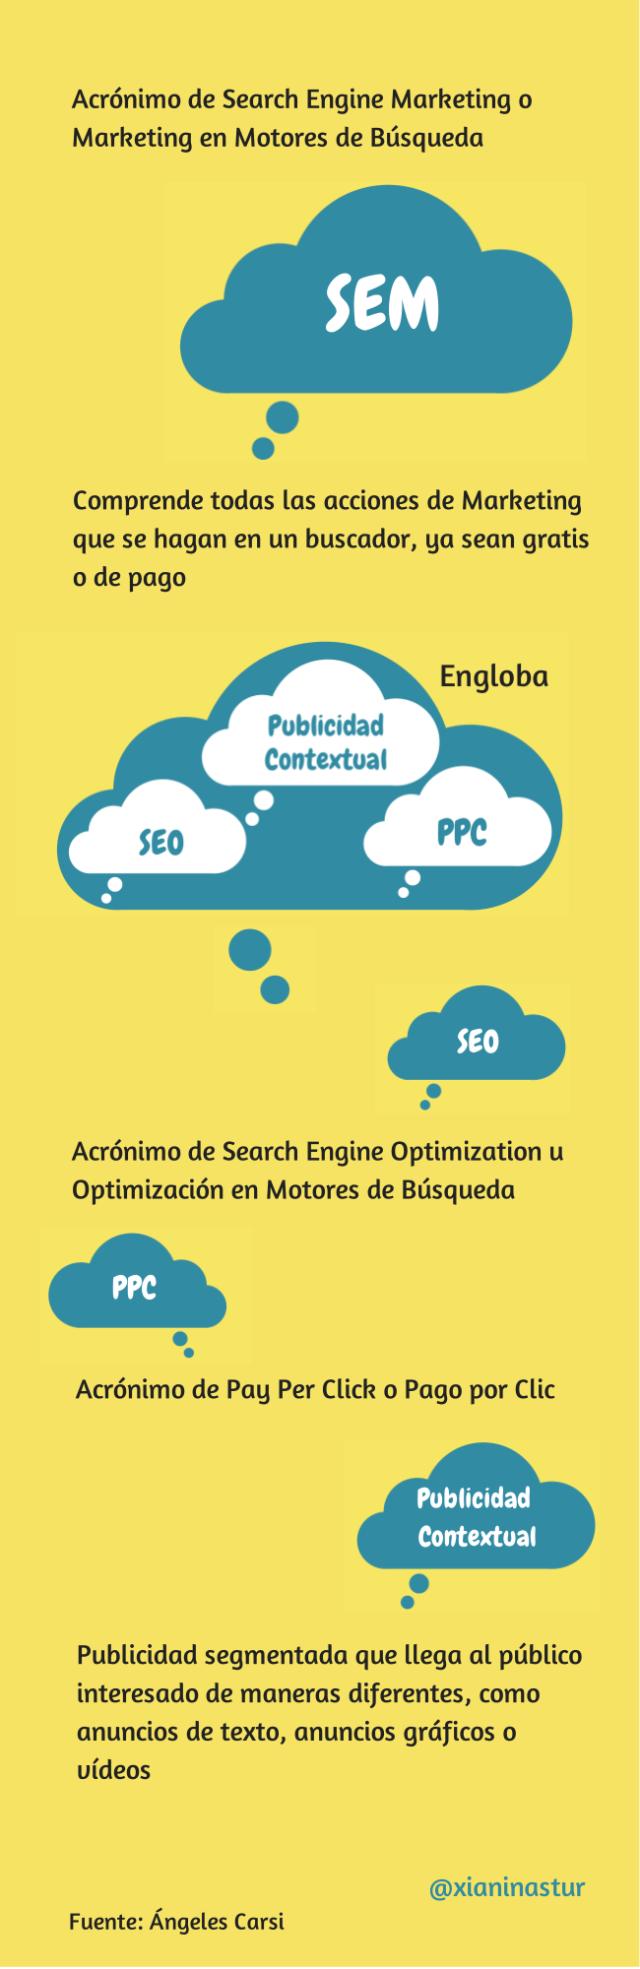 infografia_que_es_sem